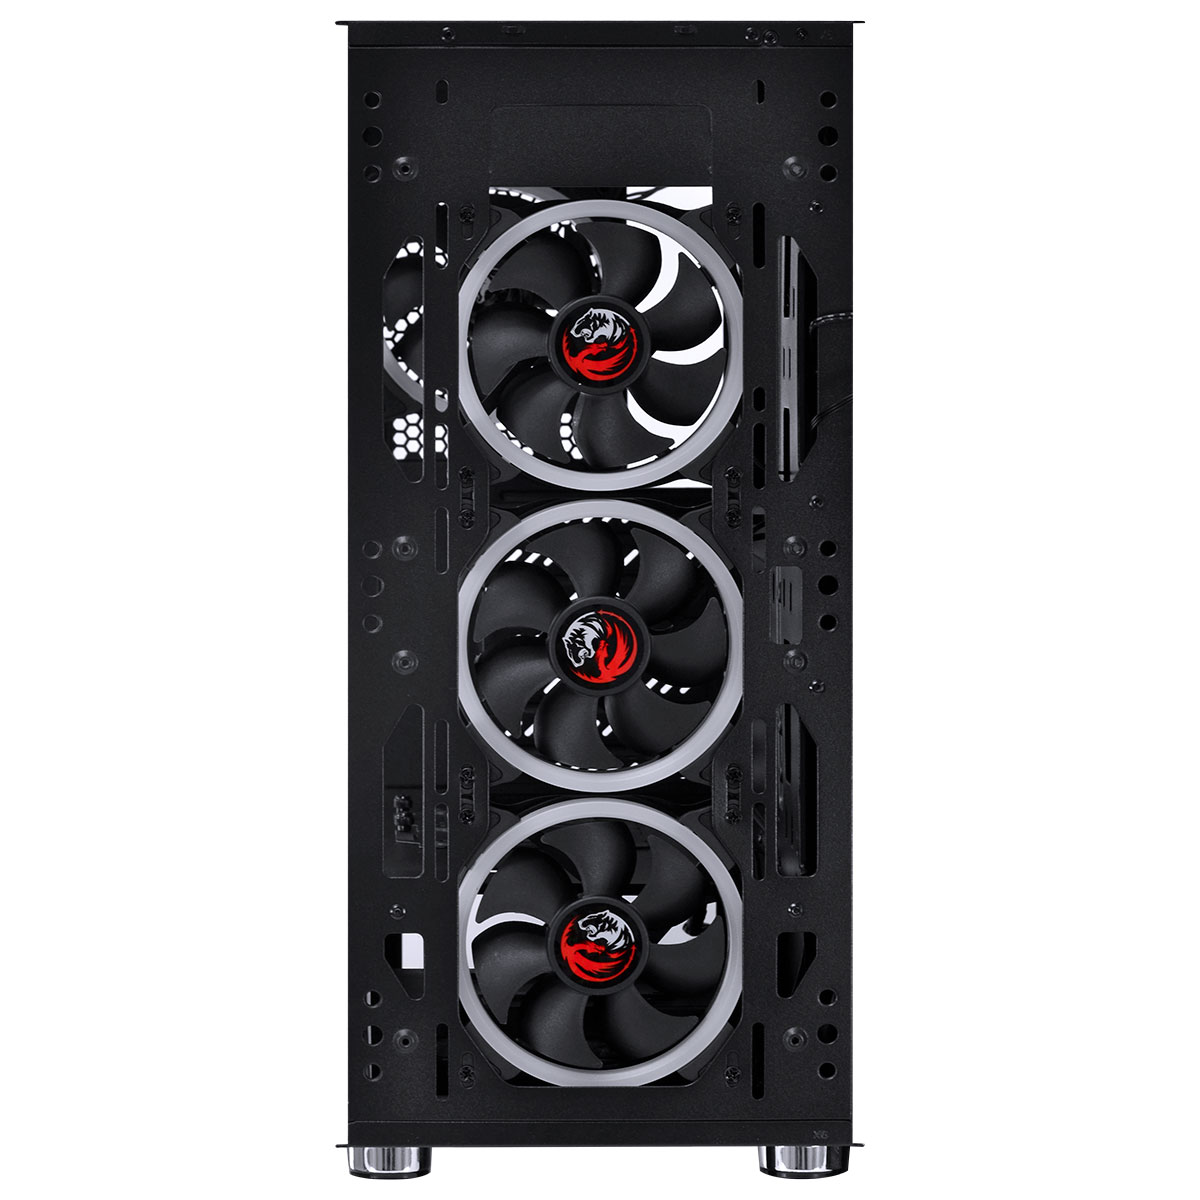 Gabinete Gamer PCYES Dimension RGB, 4x Fan, Lateral em Vidro Temperado, Preto - DIPTRGB1FCV (33876)